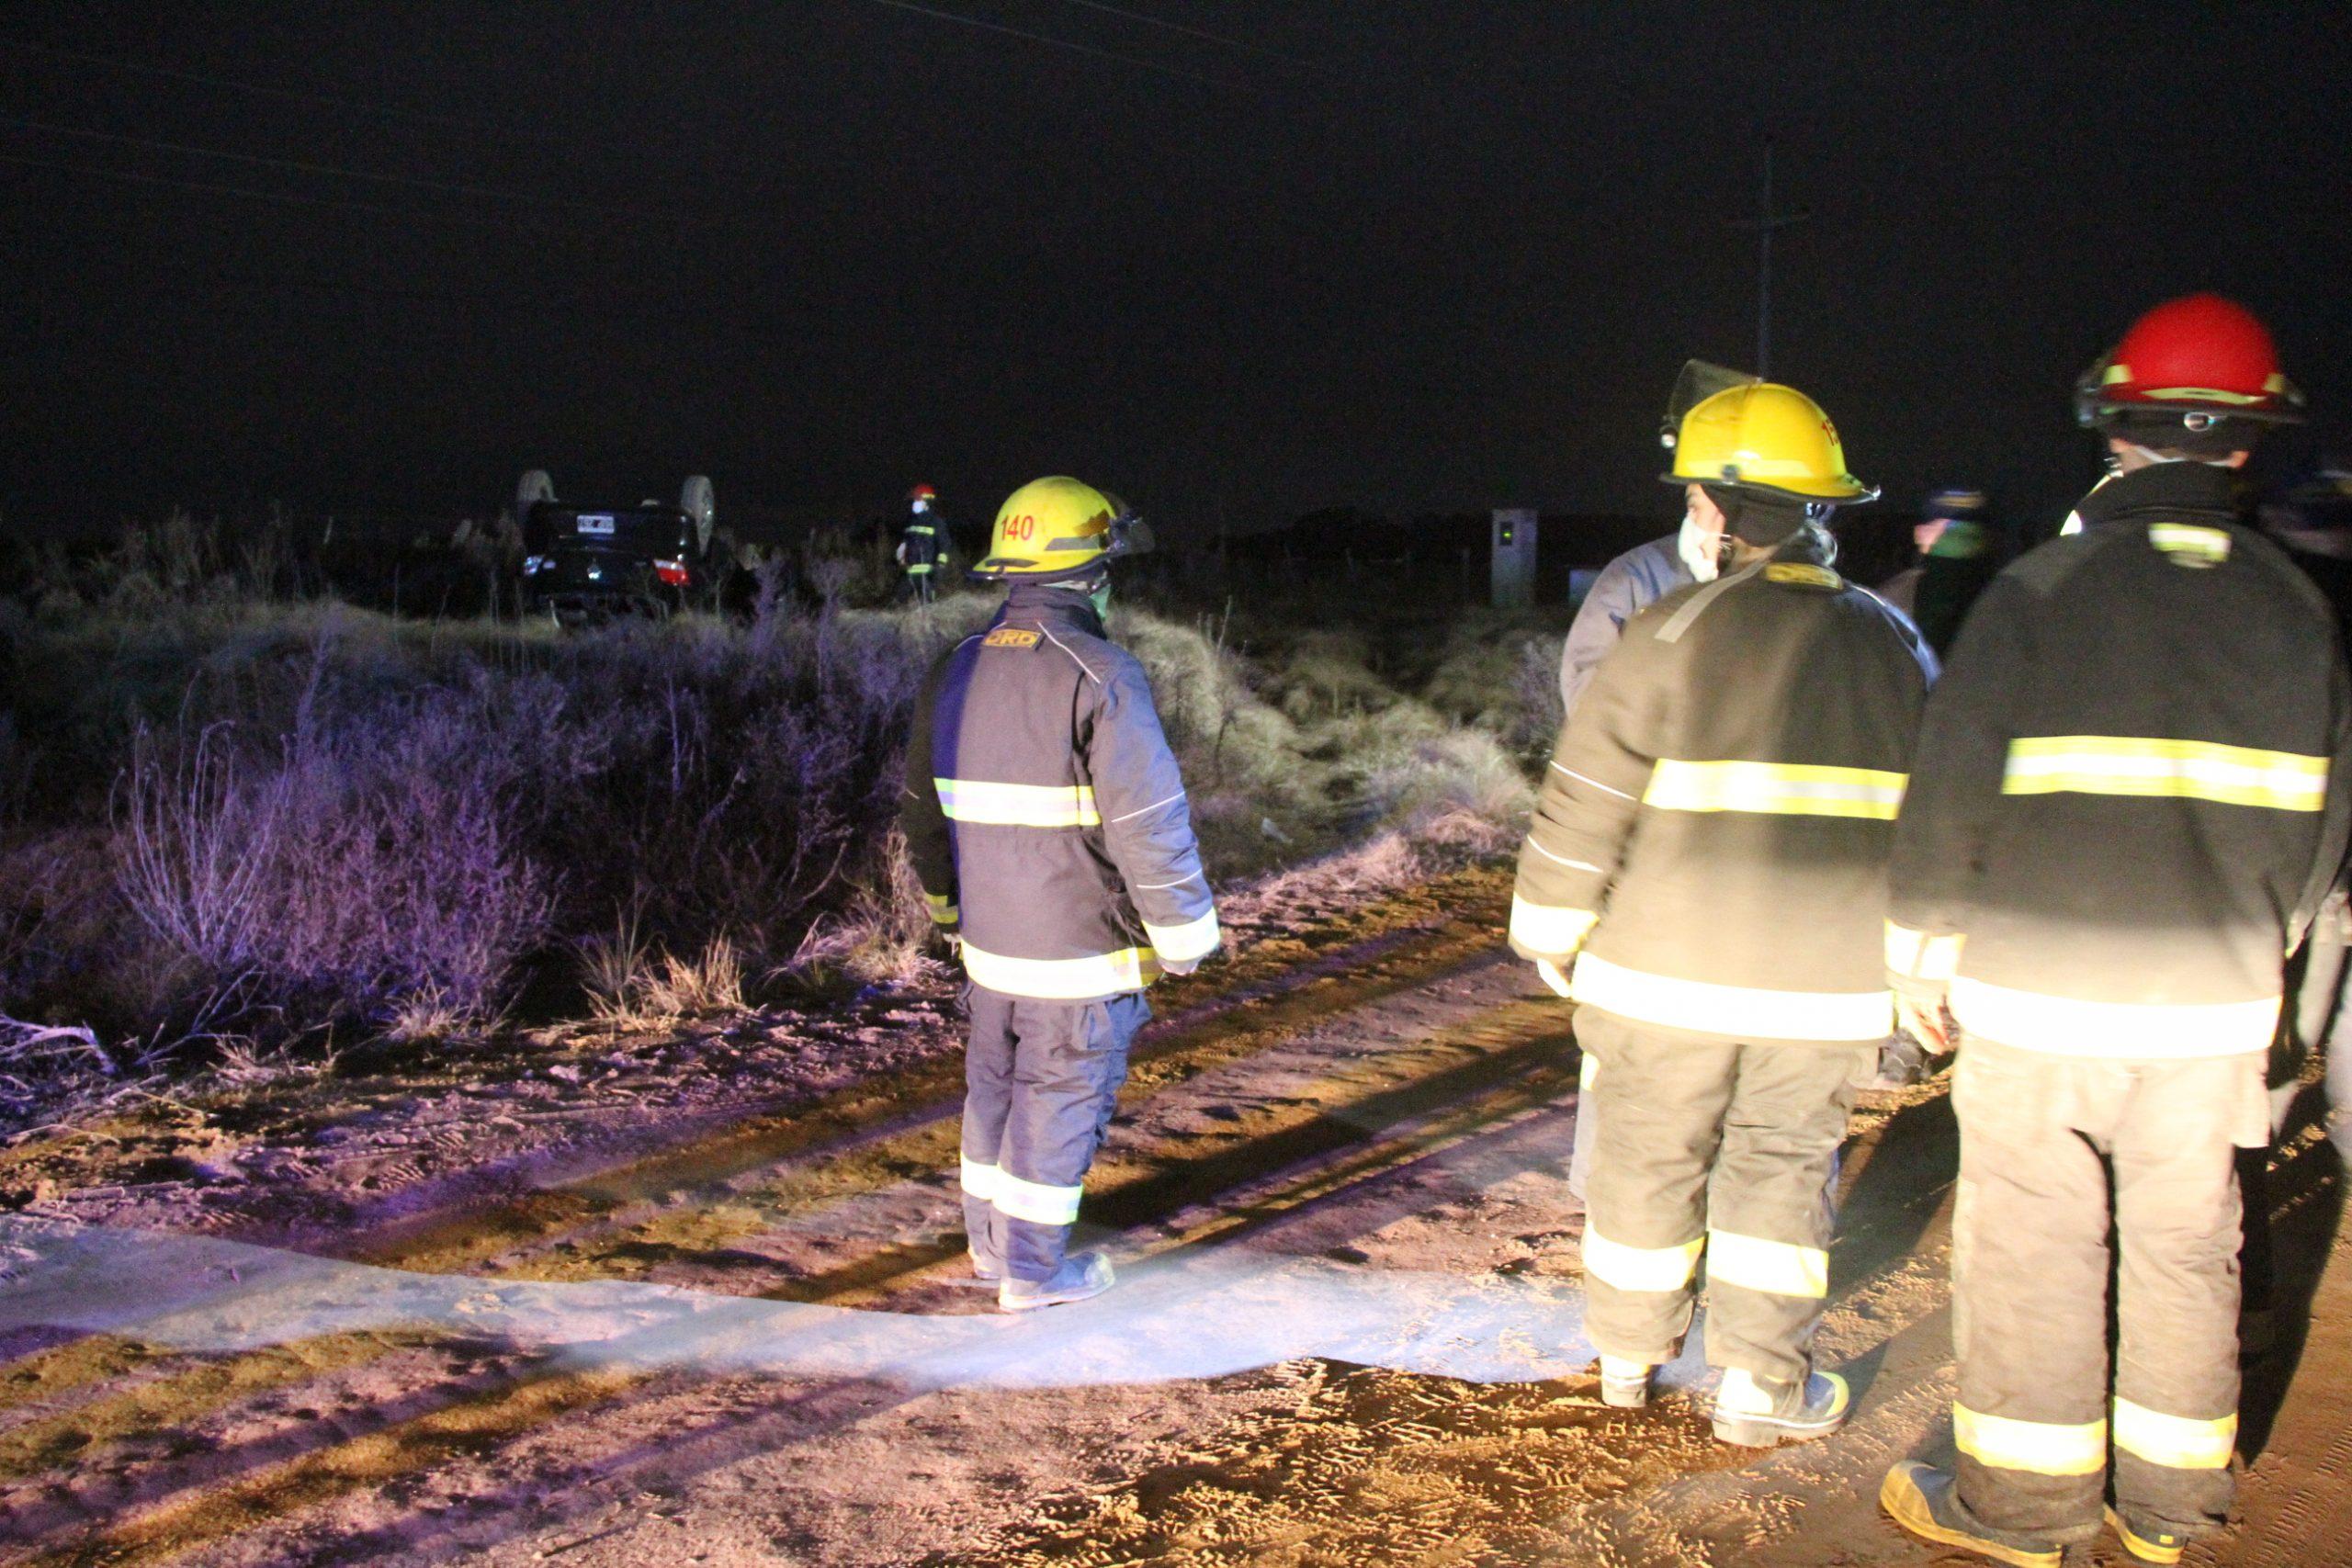 Un automóvil volcó en un camino de tierra entre Dorila y General Pico